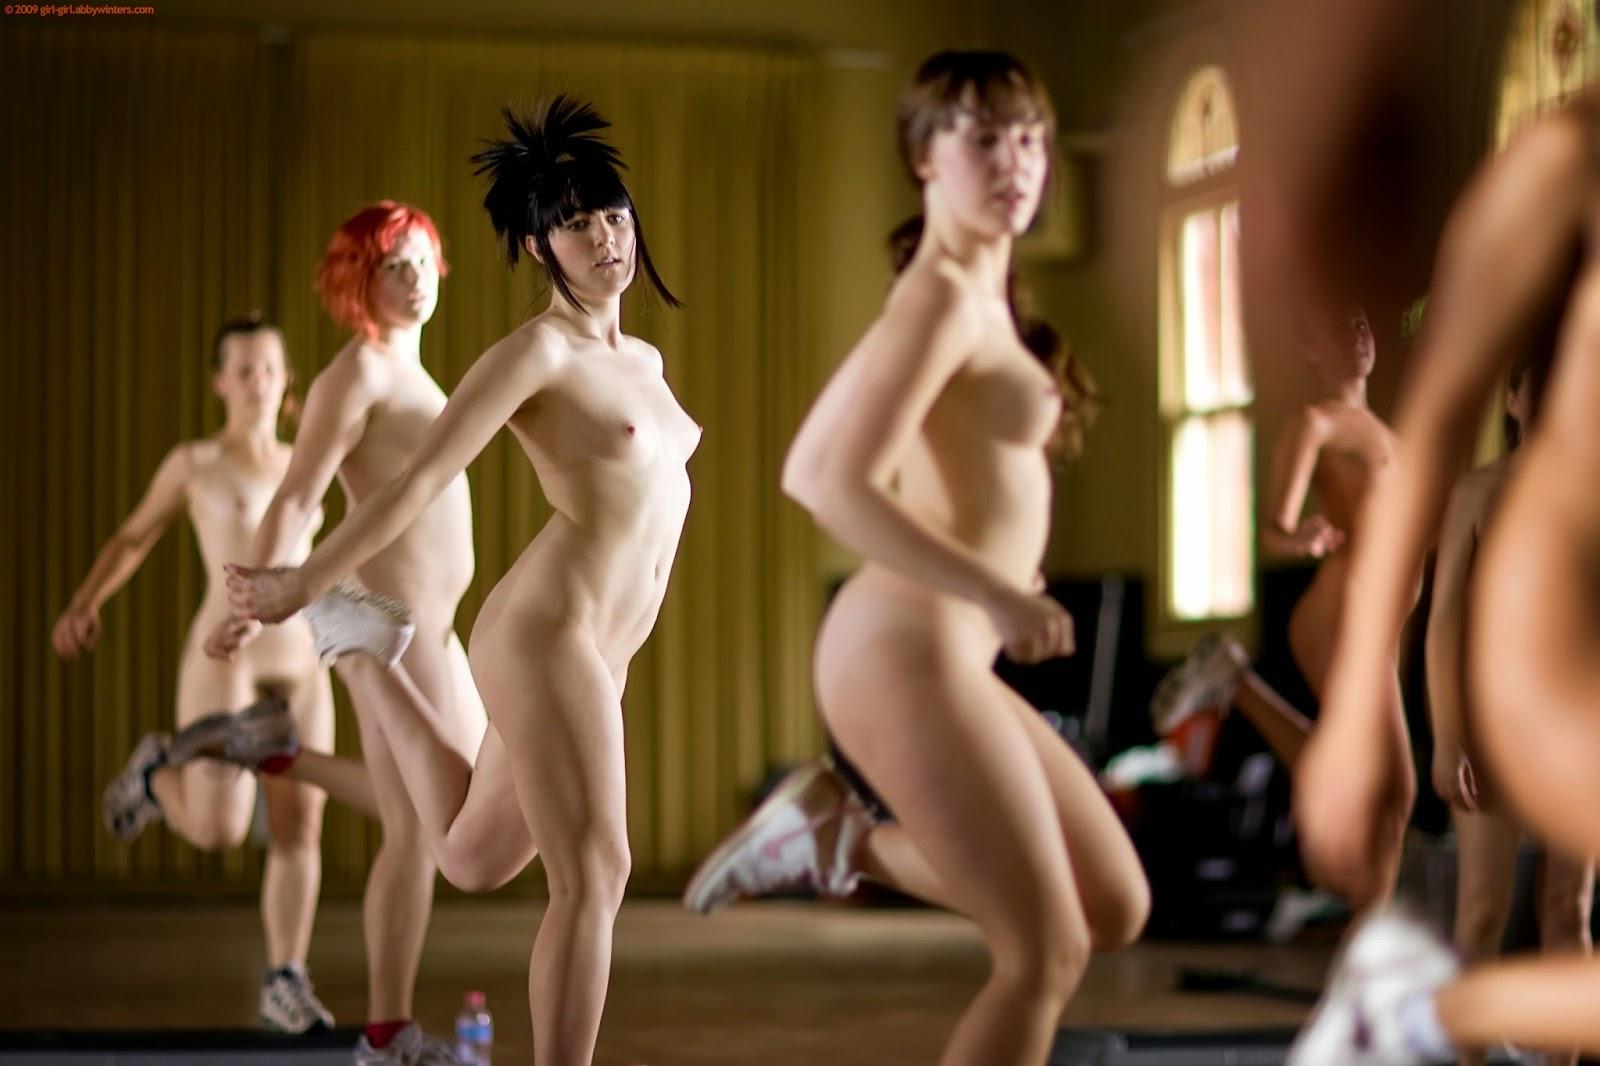 Naked Female Aerobics 72